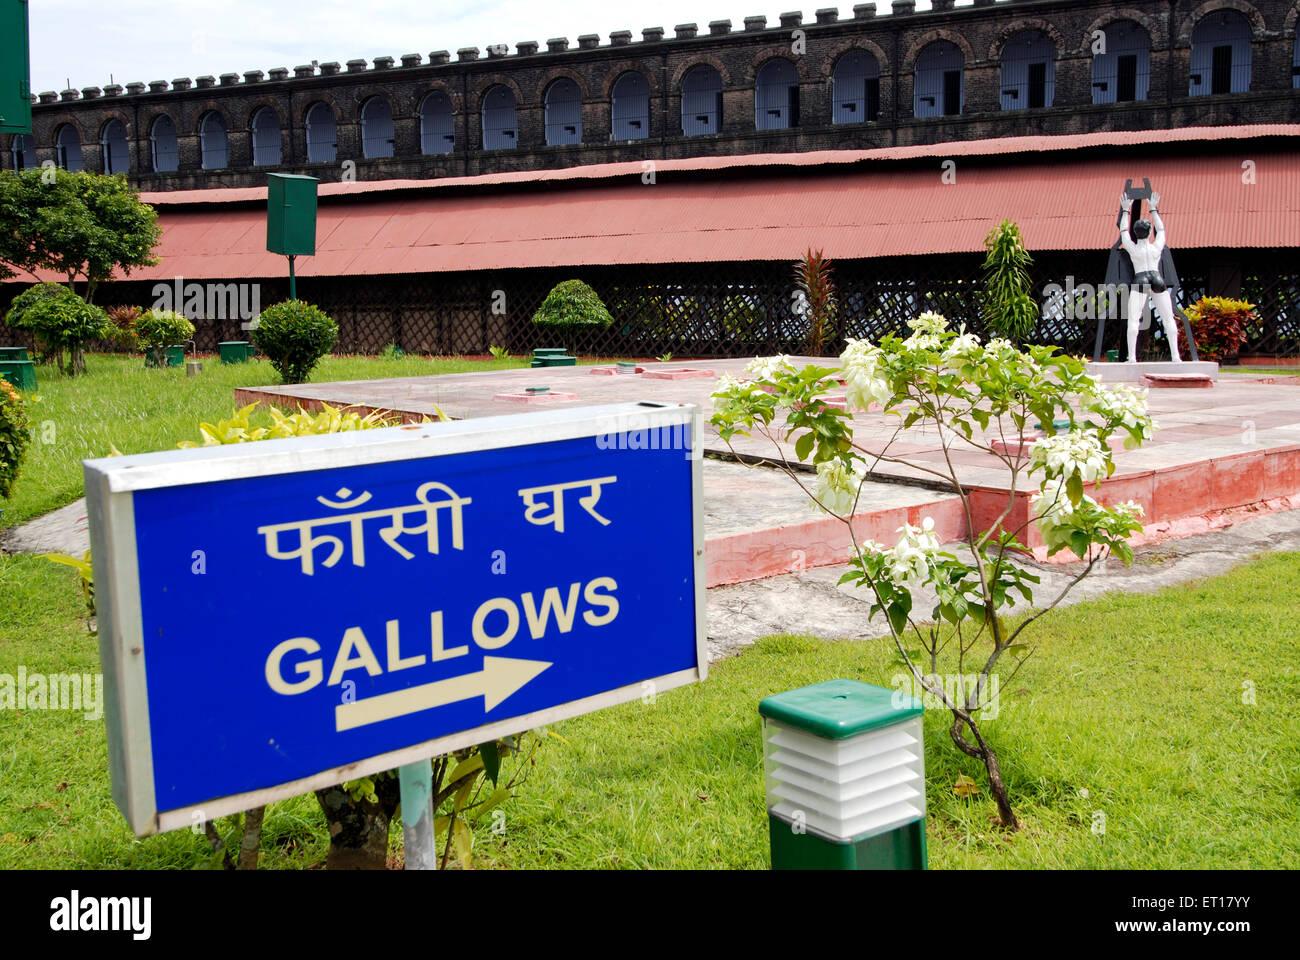 Cellular jail gallows ; Port Blair ; South Andaman Islands ; Bay of Bengal ; India October 2008 - Stock Image